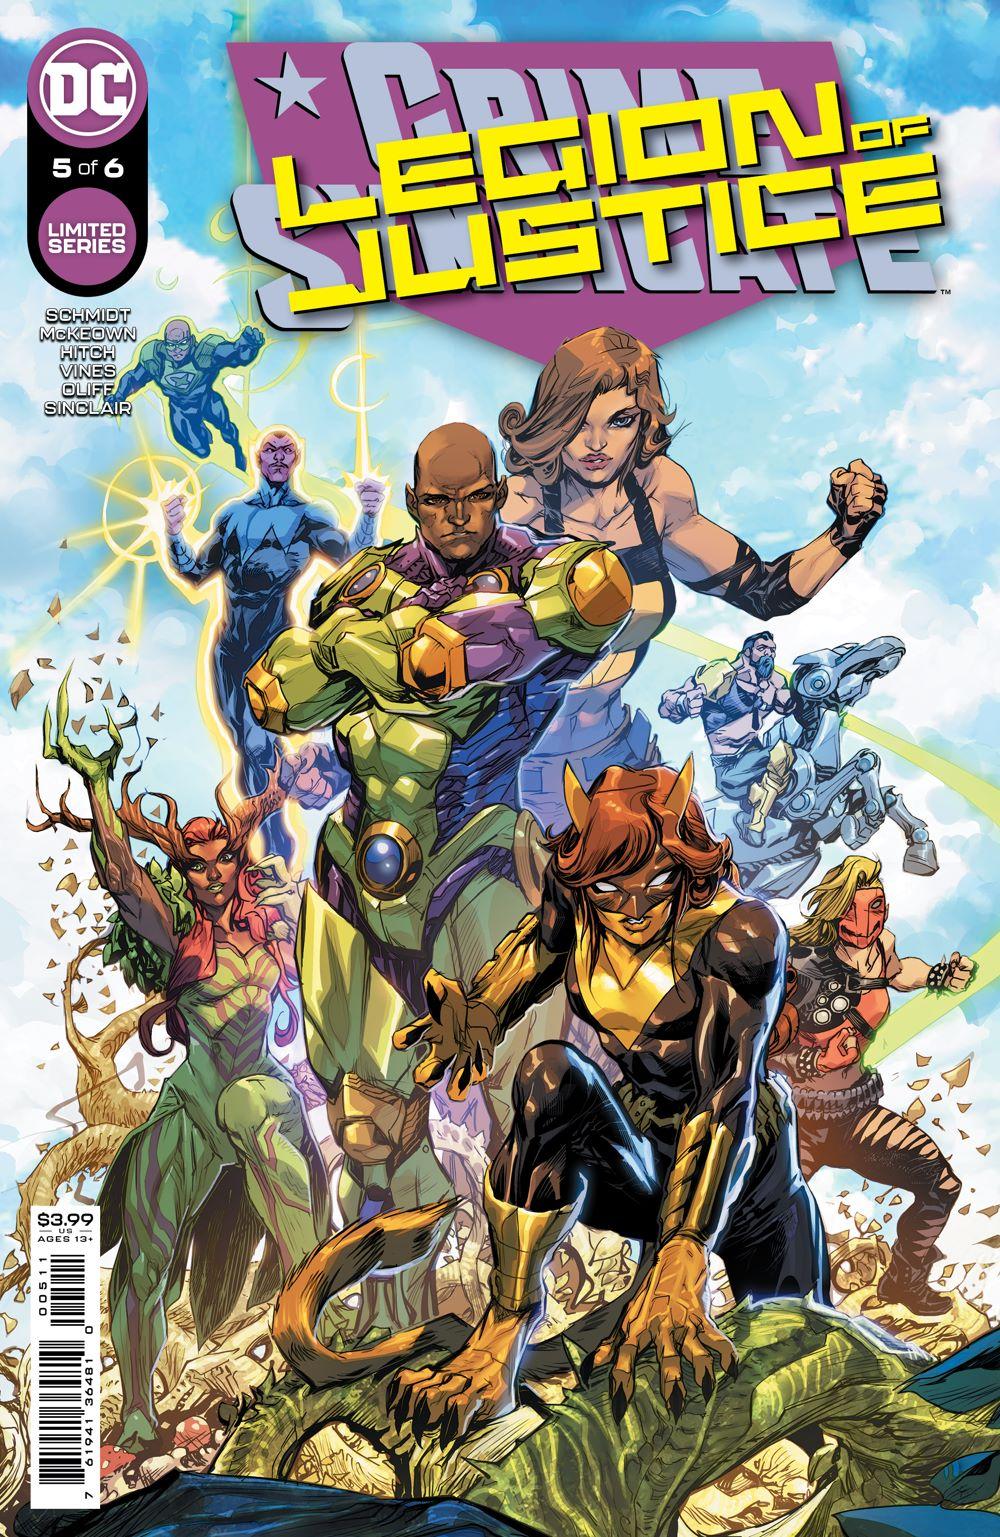 CS_Cv5 DC Comics July 2021 Solicitations